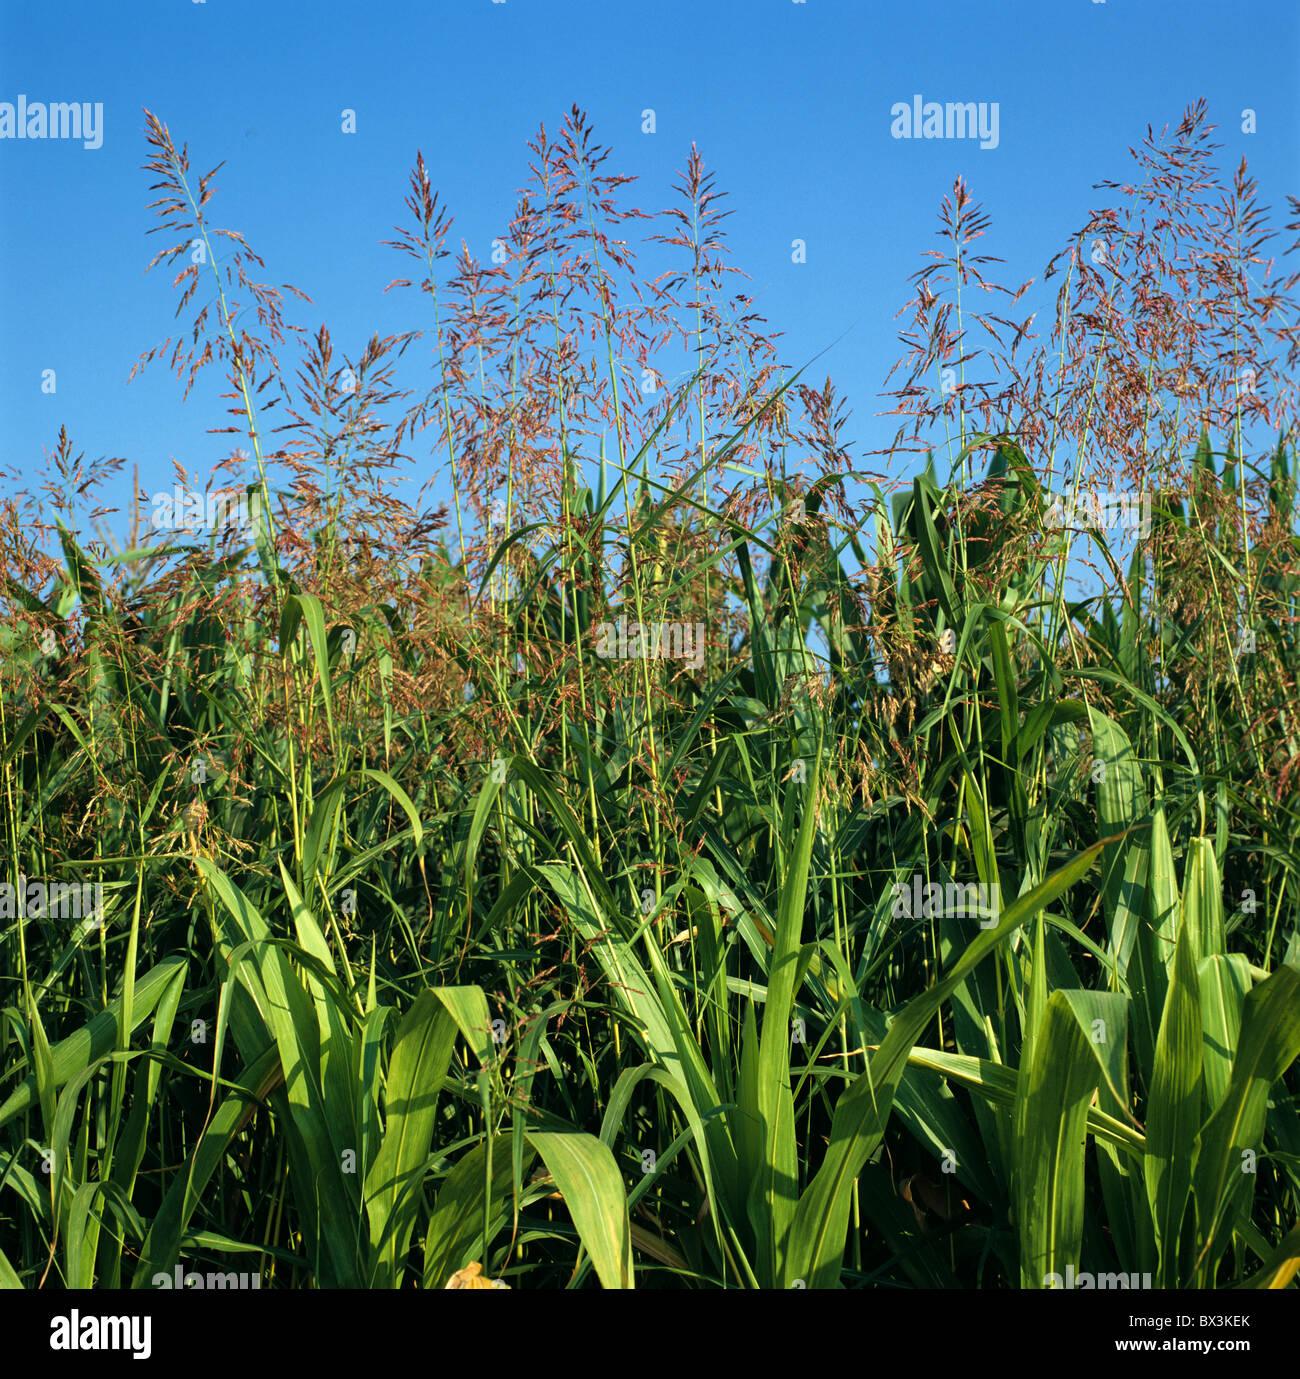 Johnson el césped (Sorghum halepense) floración en un cultivo de maíz maduro, Italia Imagen De Stock